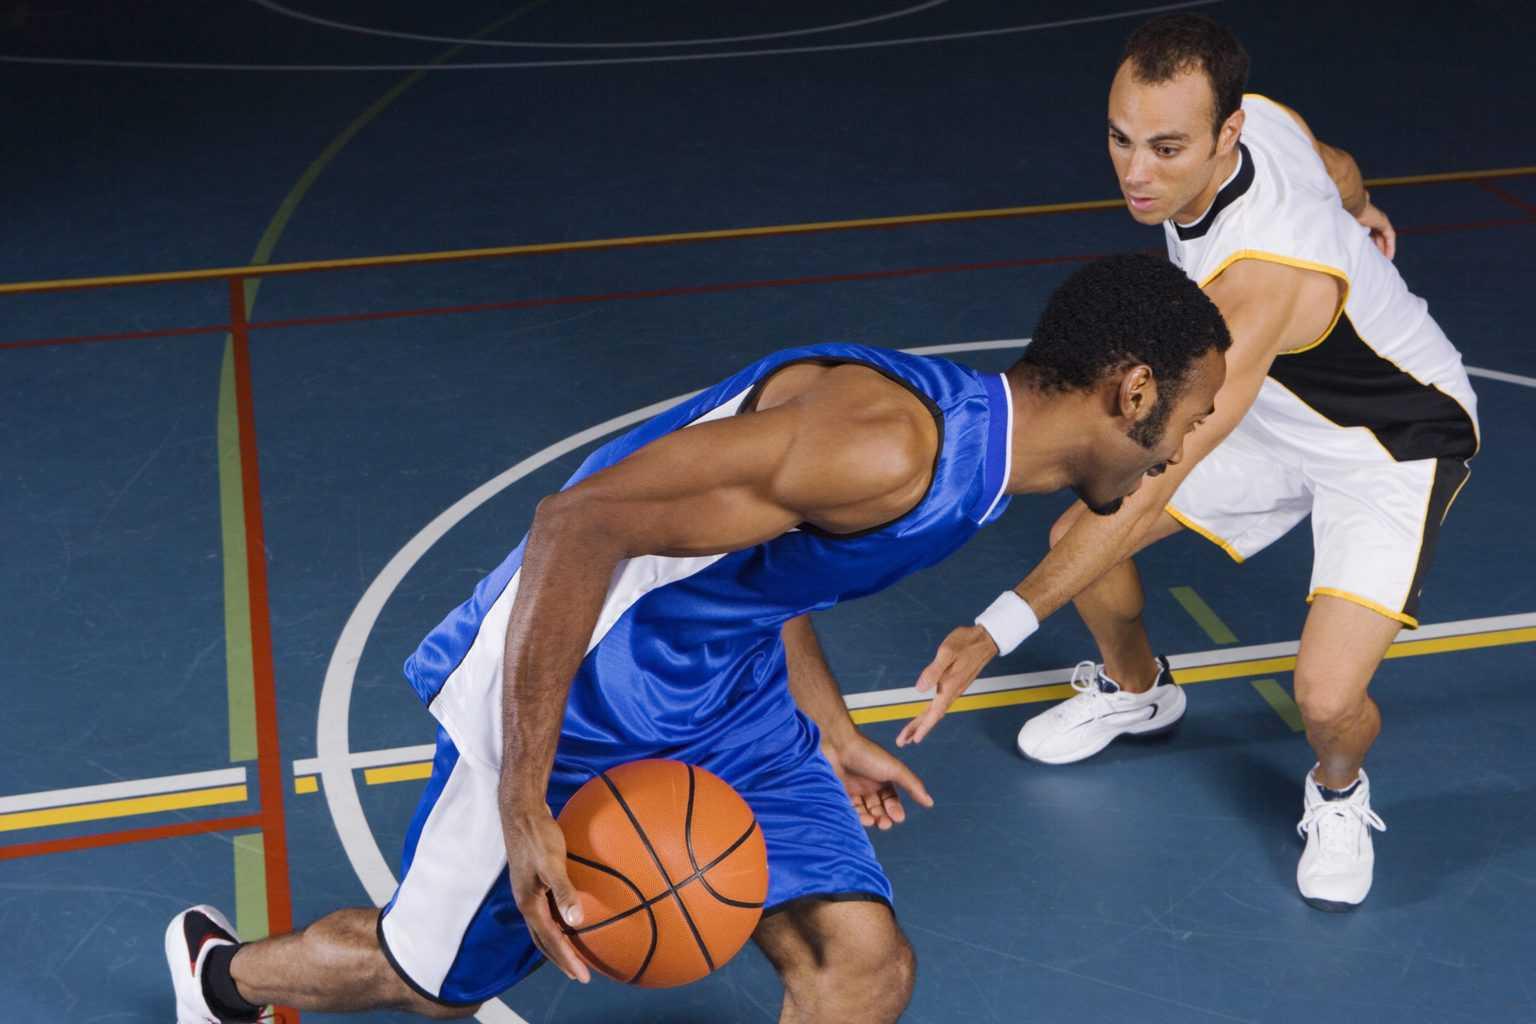 Man dribbling basketball against defender